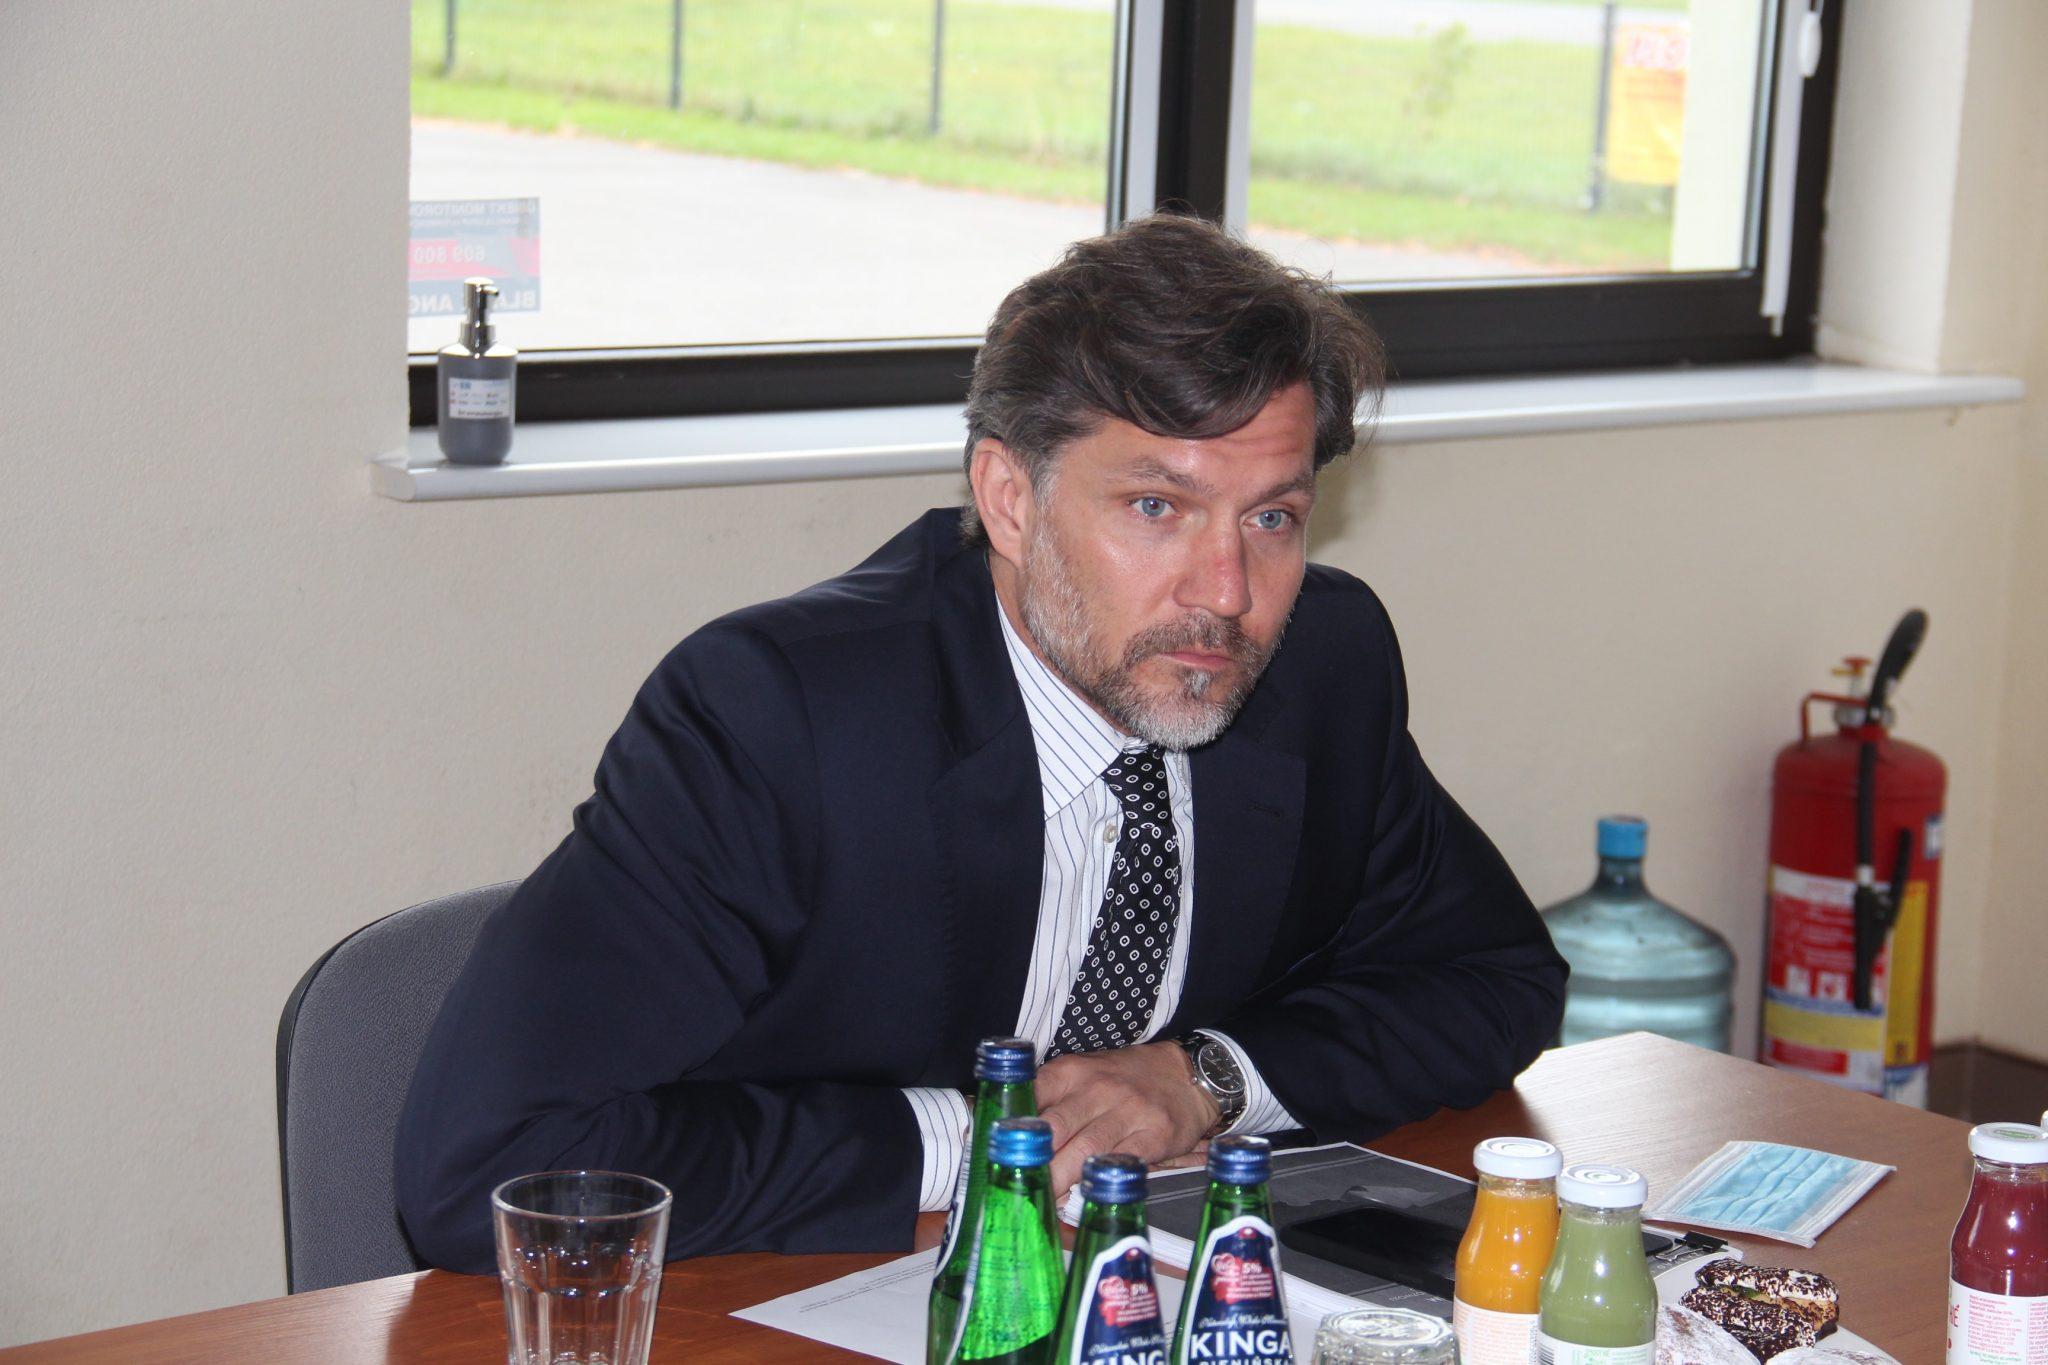 Prezydent Krystian Kinastowski, Prezes Zarządu Stowarzyszenia